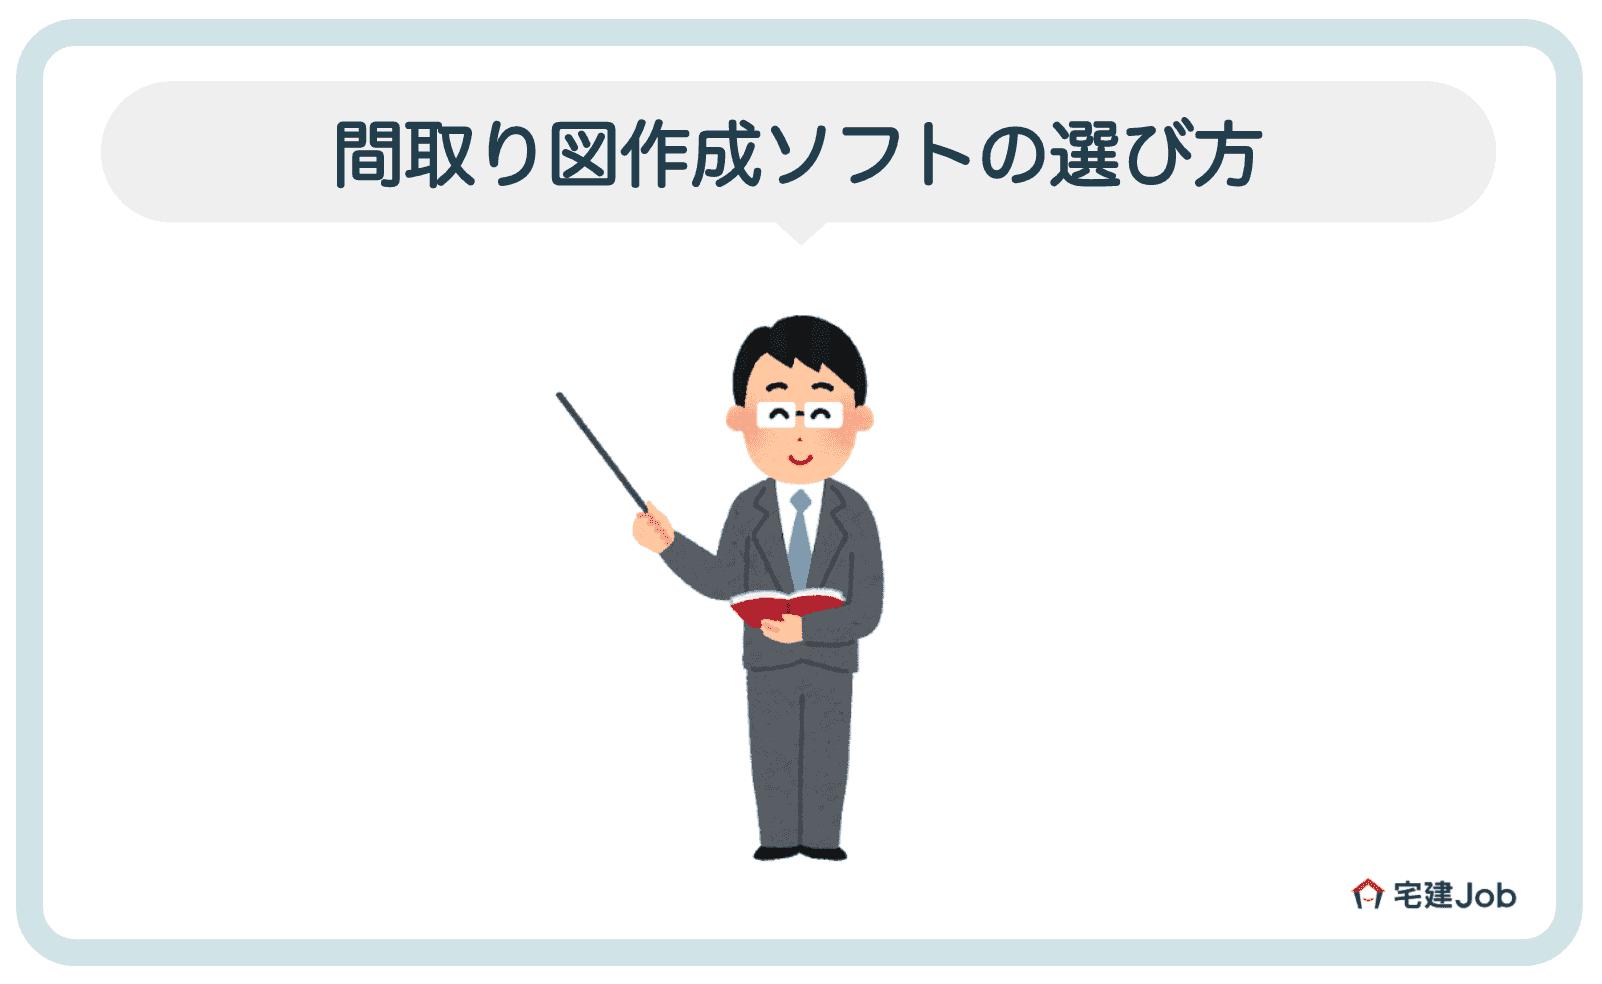 1.間取り図作成ソフトの選び方